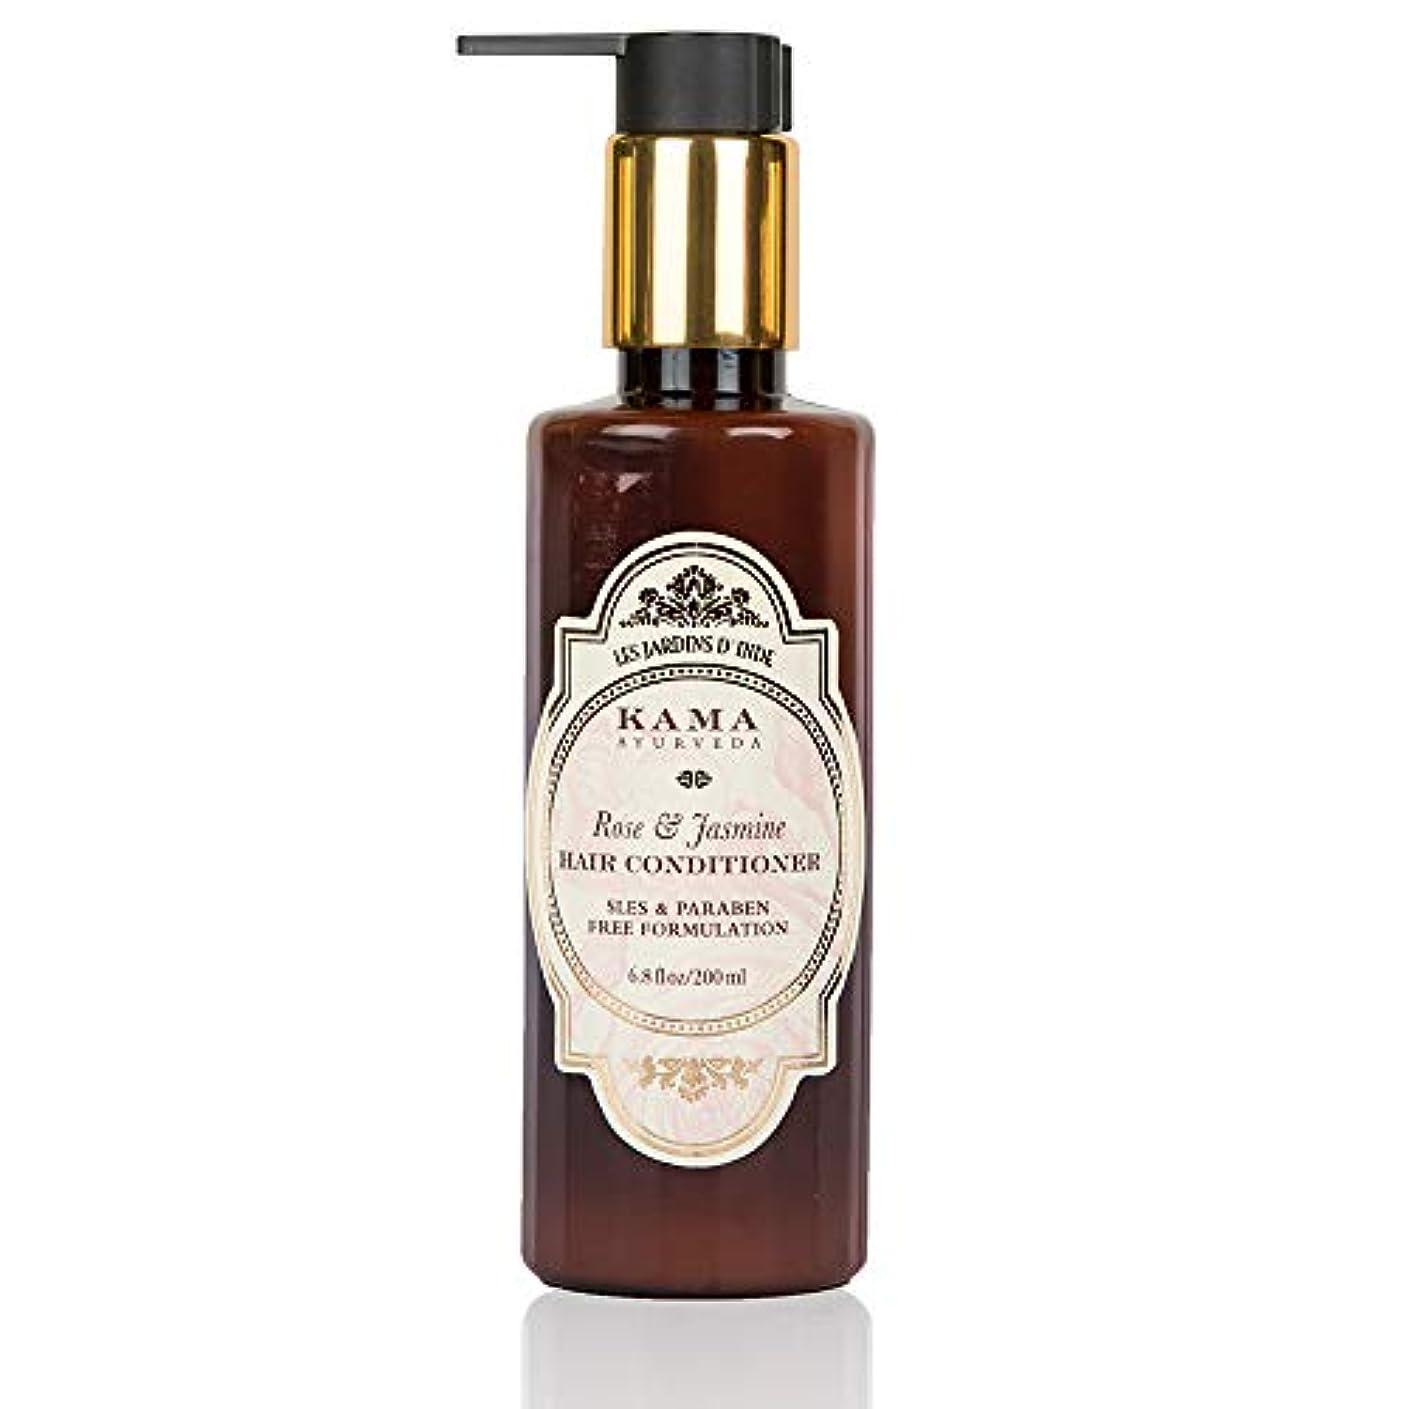 外観便宜コーヒーKAMA AYURVEDA ローズ&ジャスミン ヘアコンディショナー Rose & Jasmine Hair Conditioner 200ml